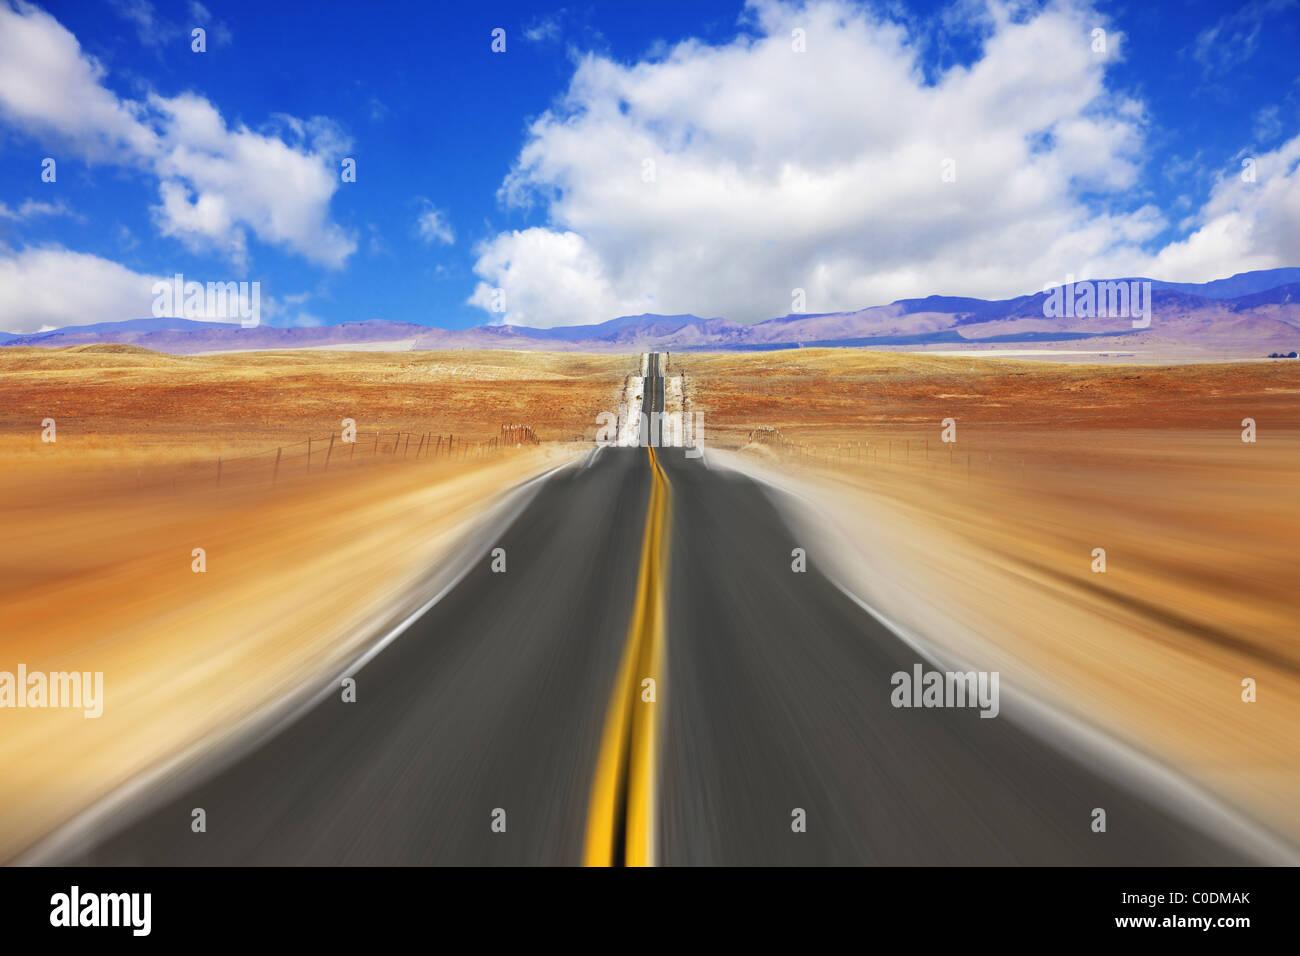 Mirage sur la grande vitesse dans le désert Photo Stock